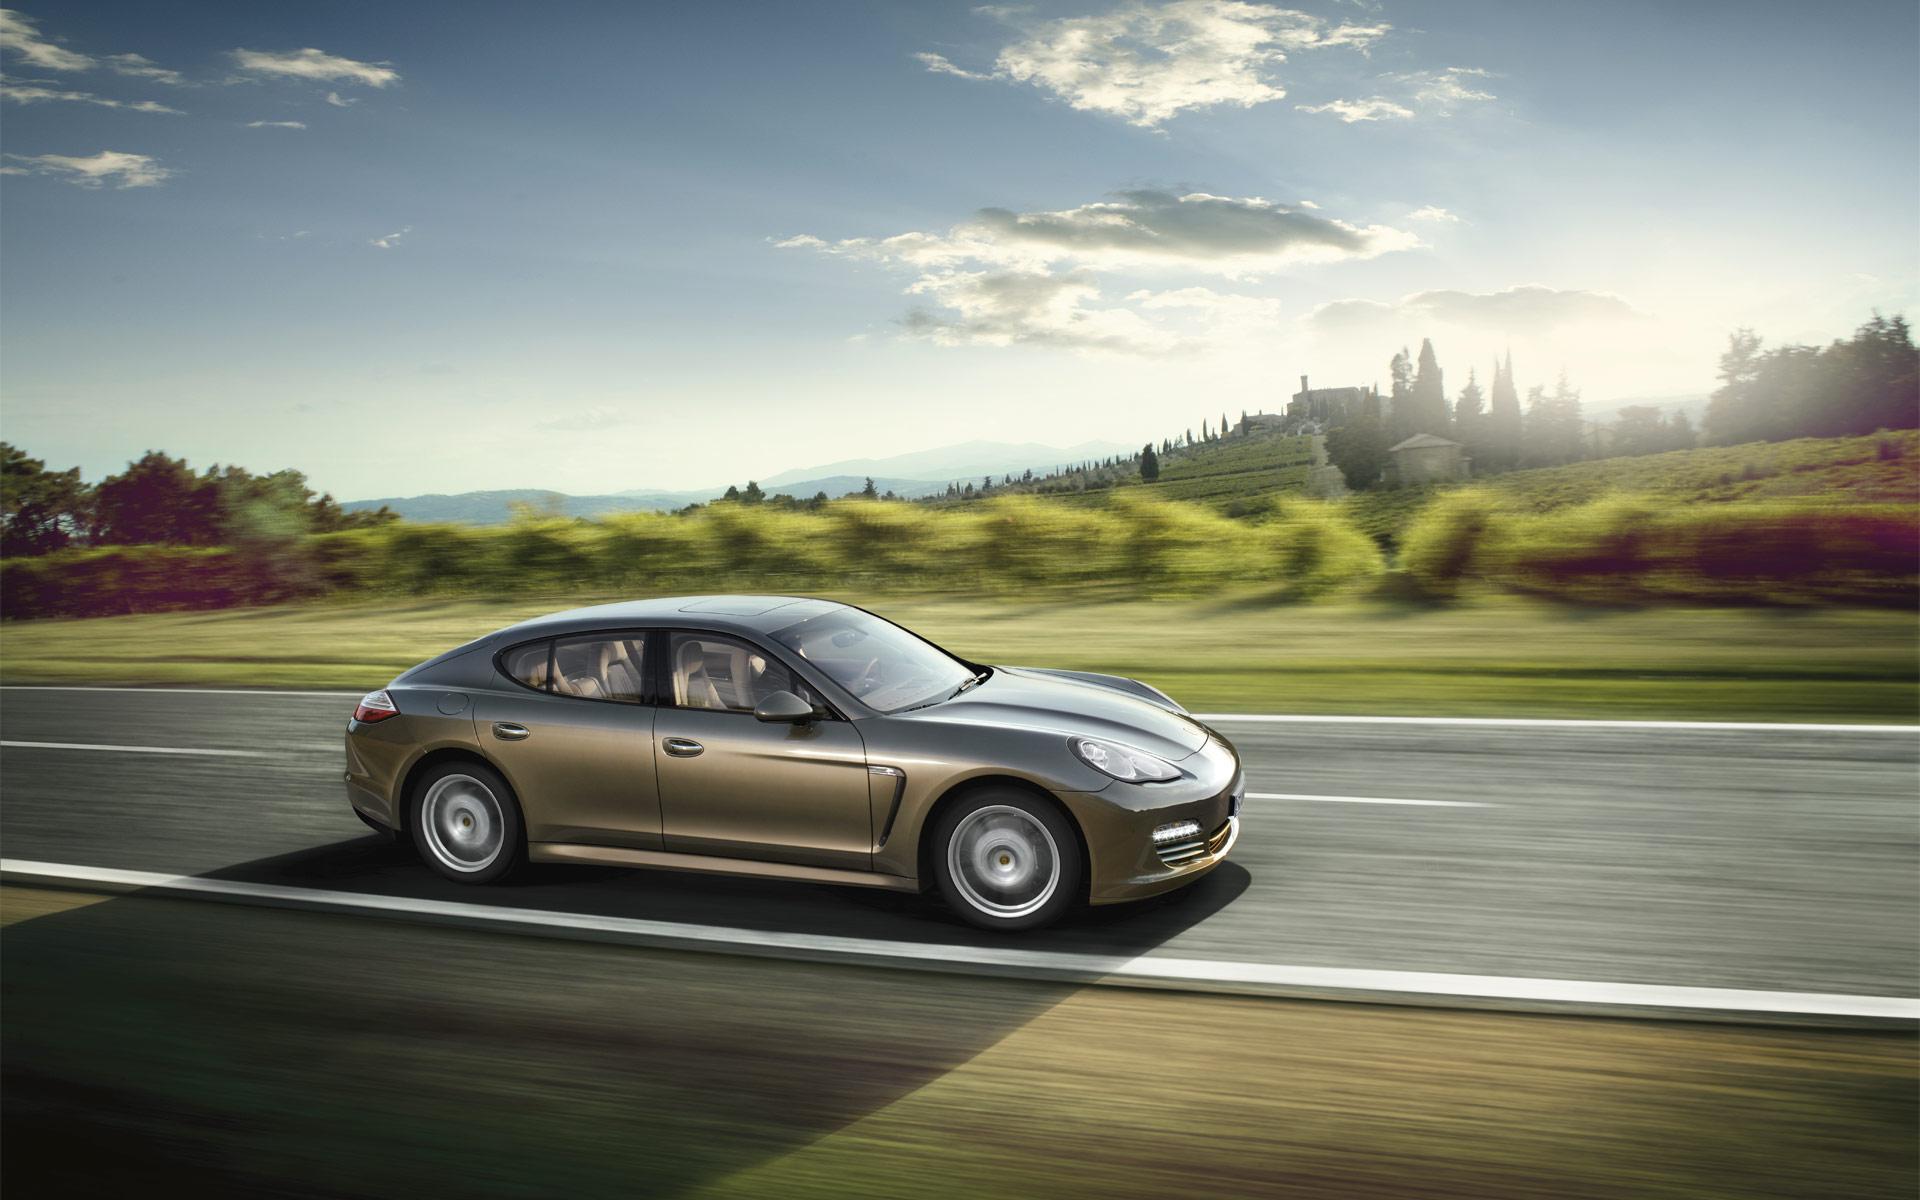 Porsche Panamera 911  № 2369942 бесплатно